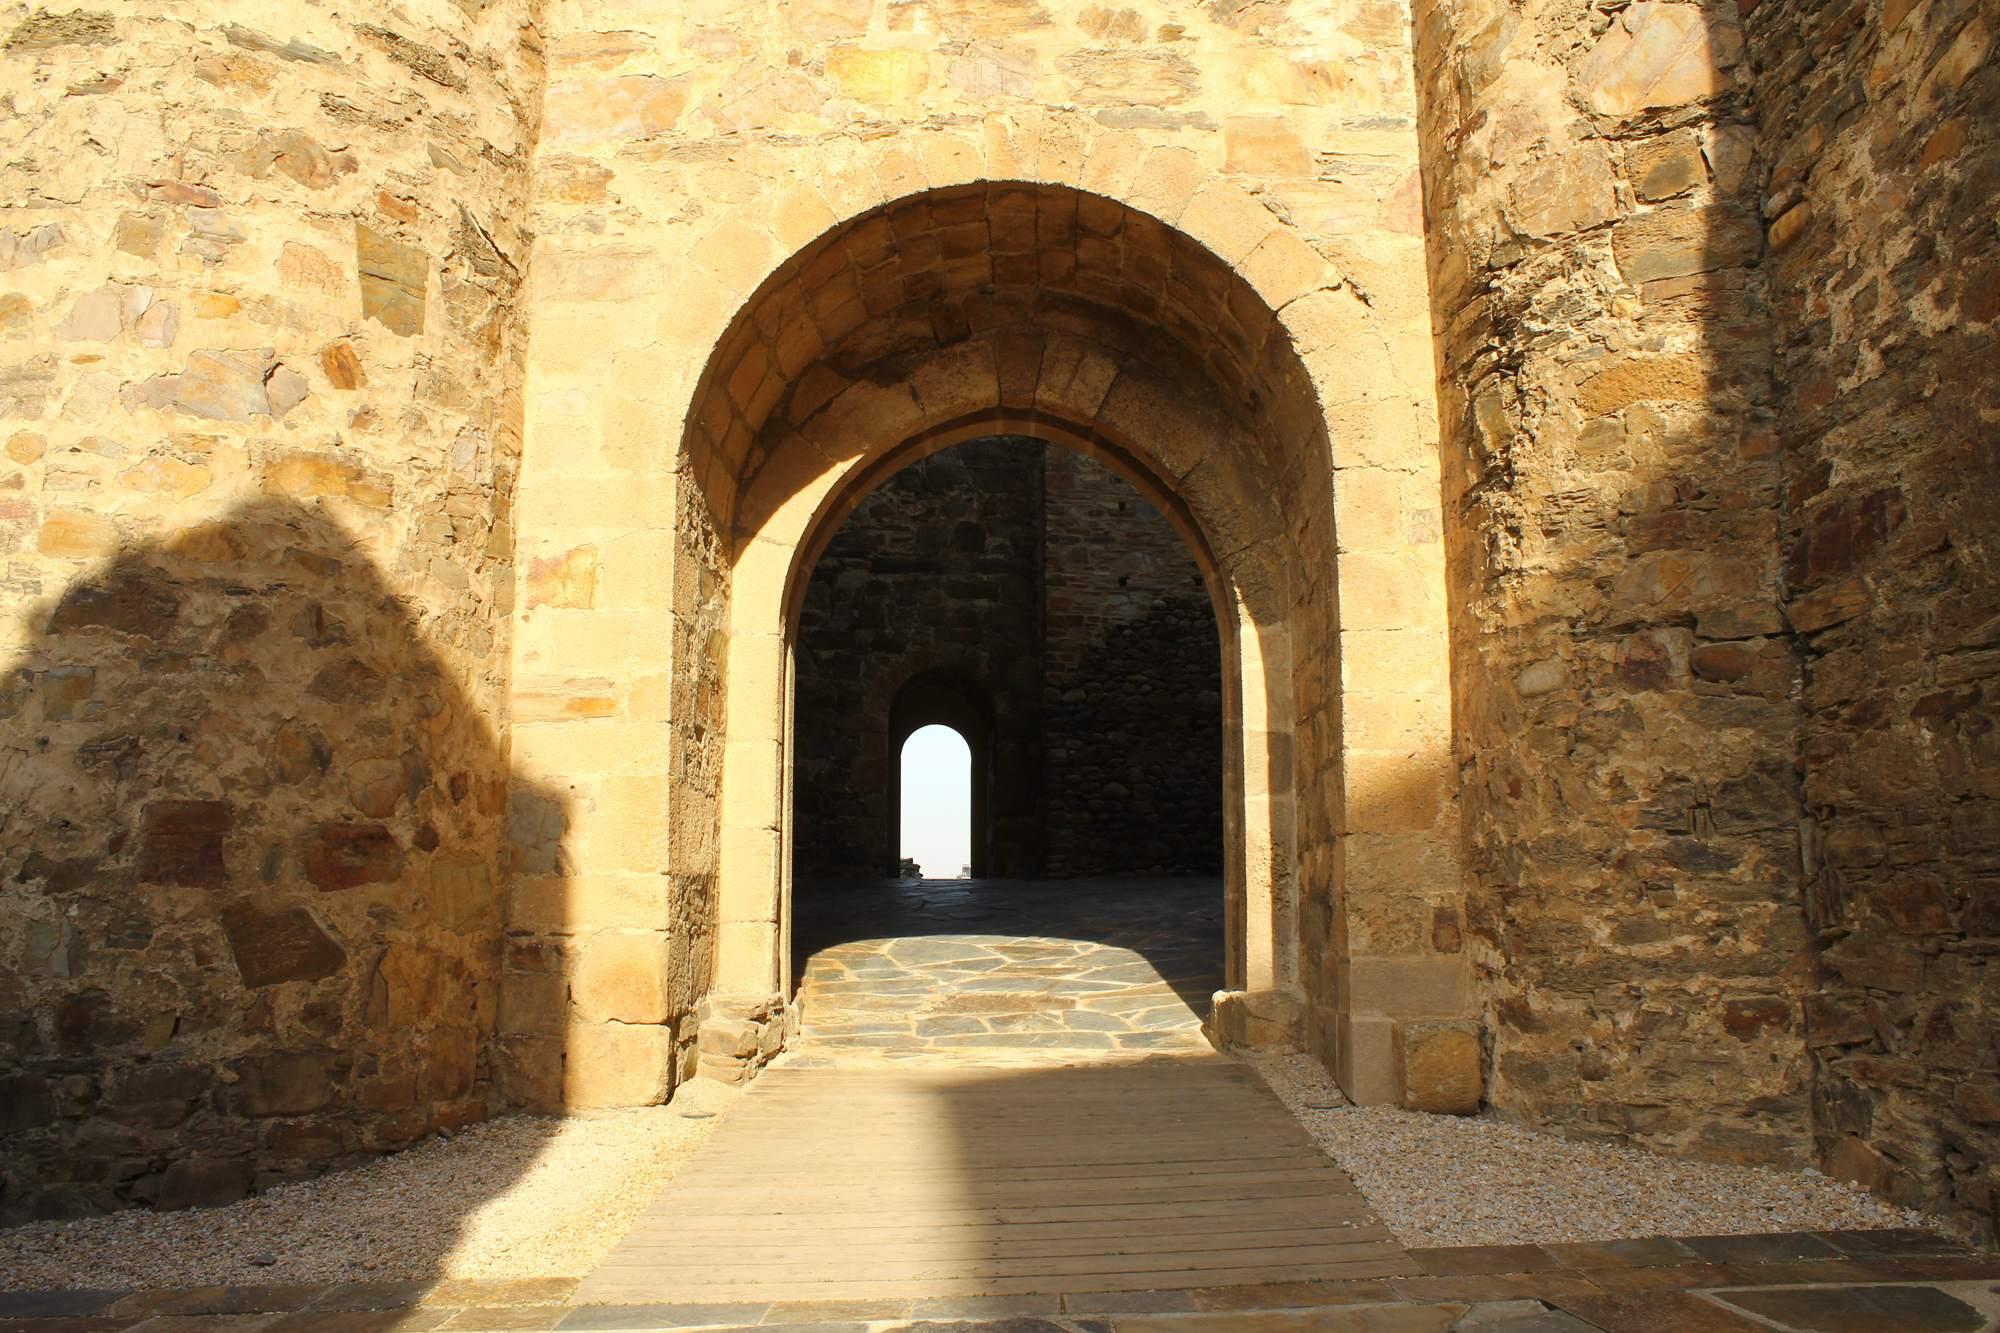 castle ponferrada11 Templar Castle of Ponferrada, Spain